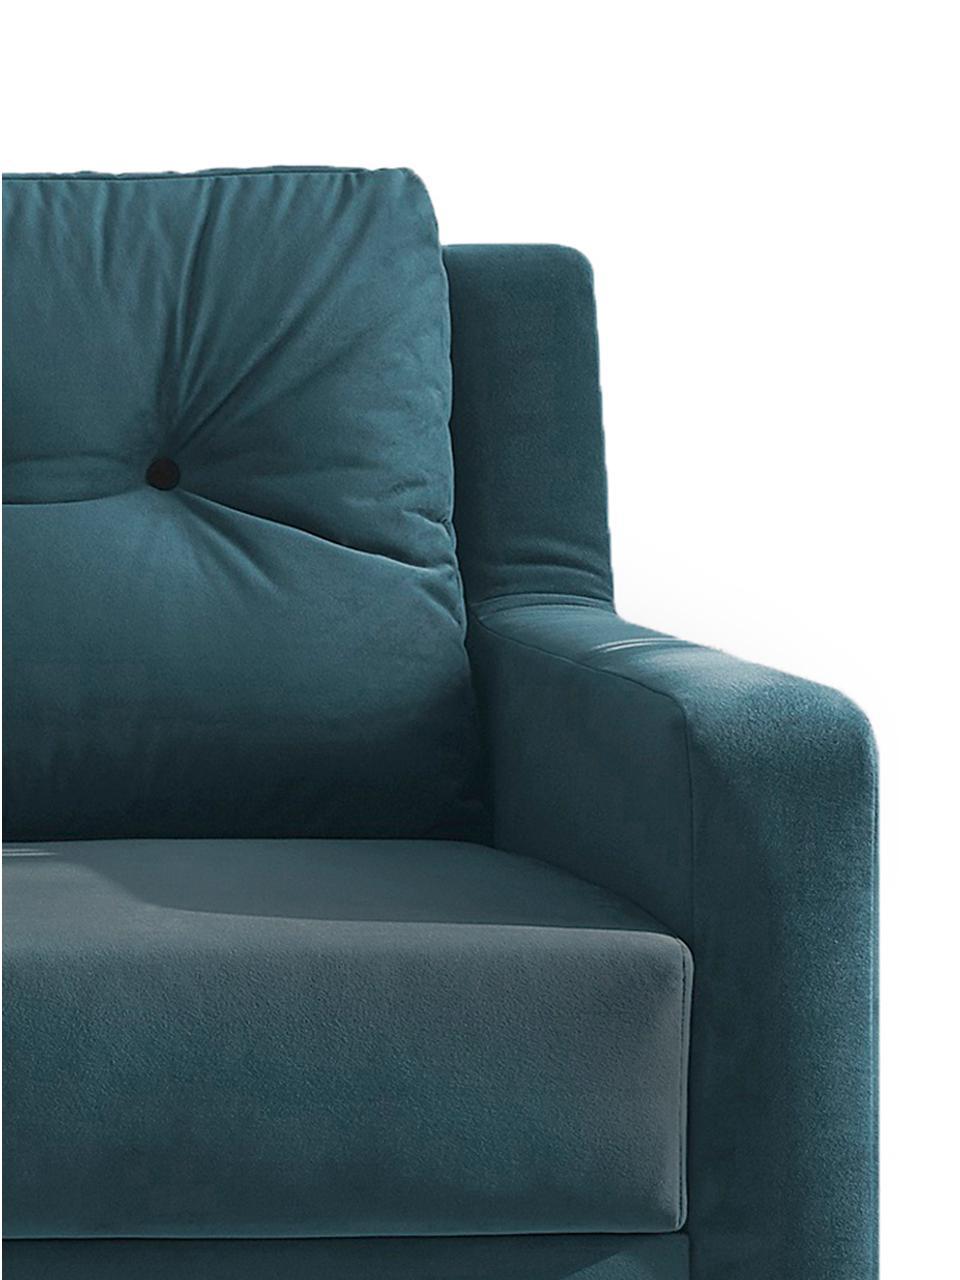 Sofa rozkładana z aksamitu Bergen (3-osobowa), Tapicerka: 100% aksamit poliestrowy, Nogi: metal lakierowany, Niebieski, S 222 x G 92 cm